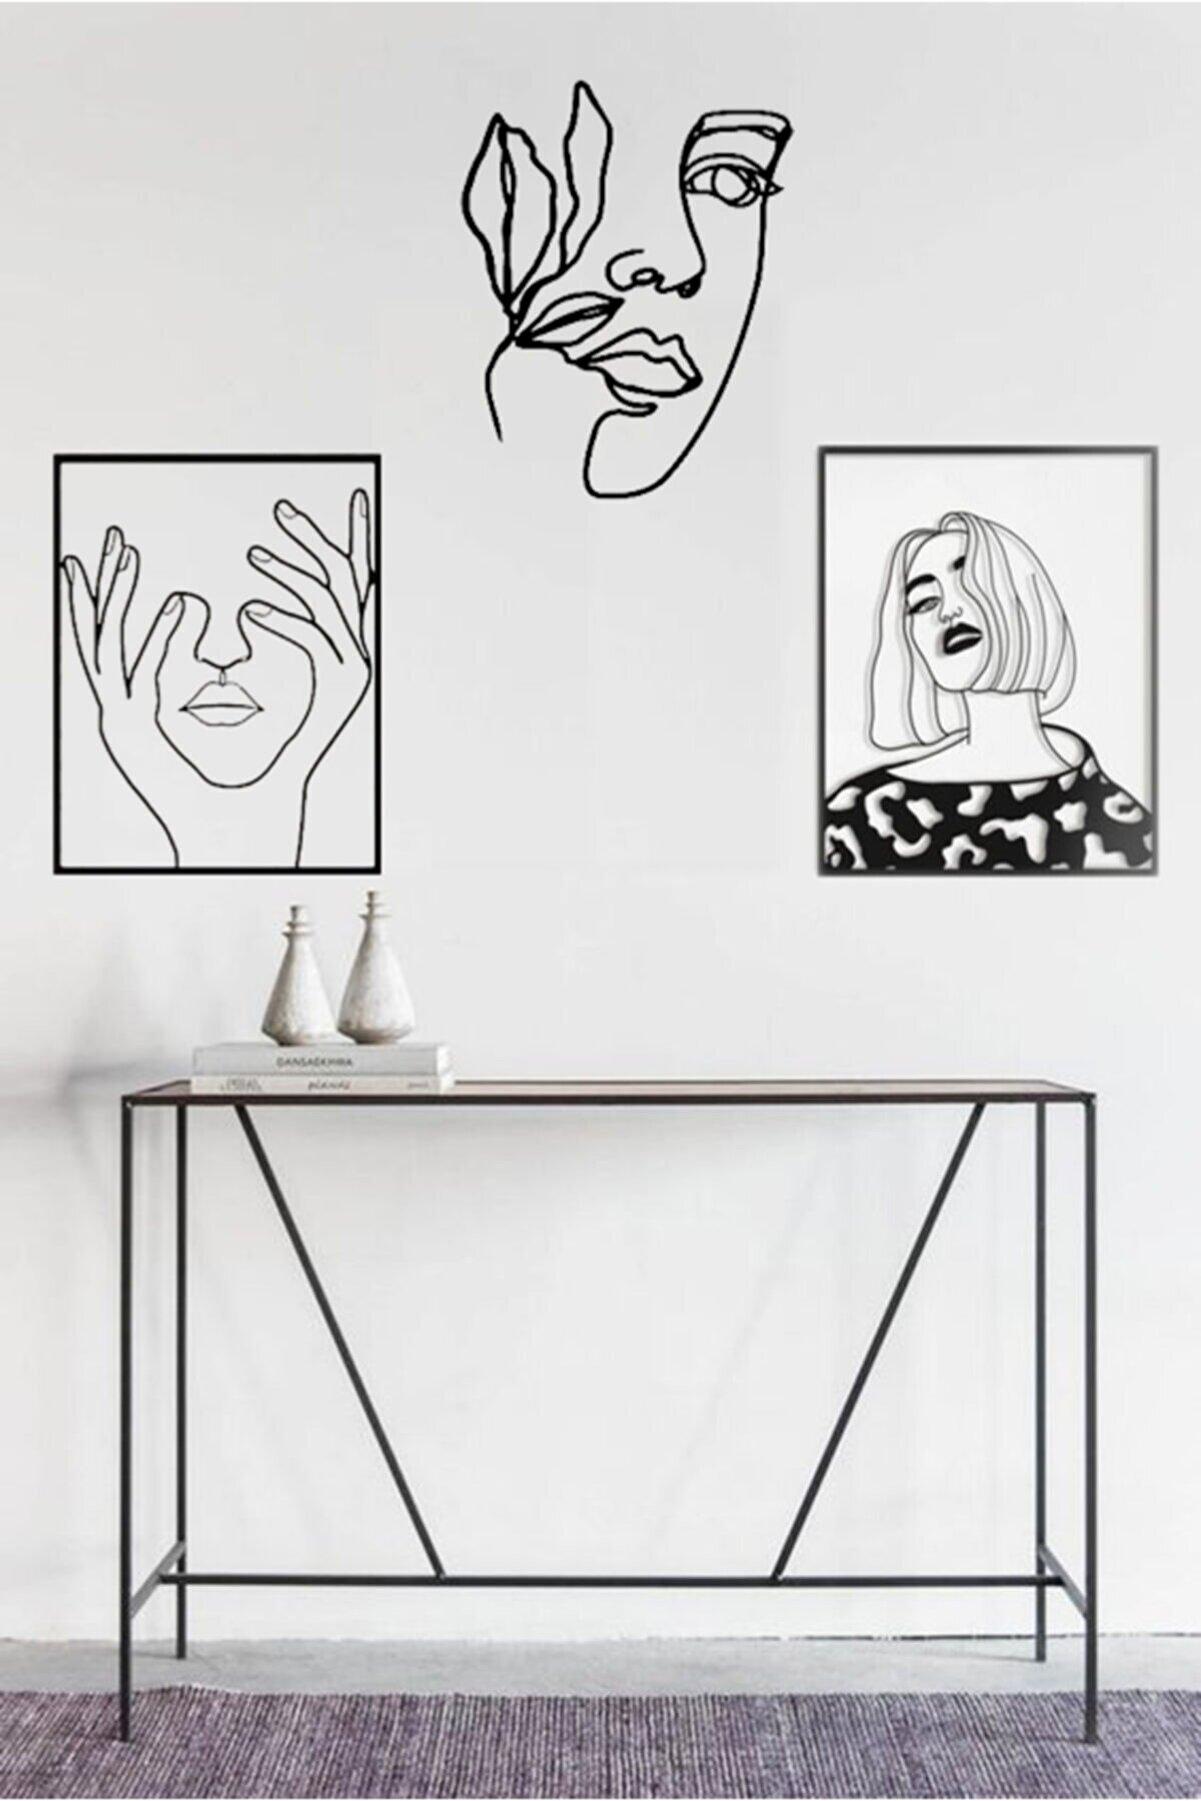 Taktakicat Muhteşem Üçlü Kadın Dekoratif Ahşap Tablo 2